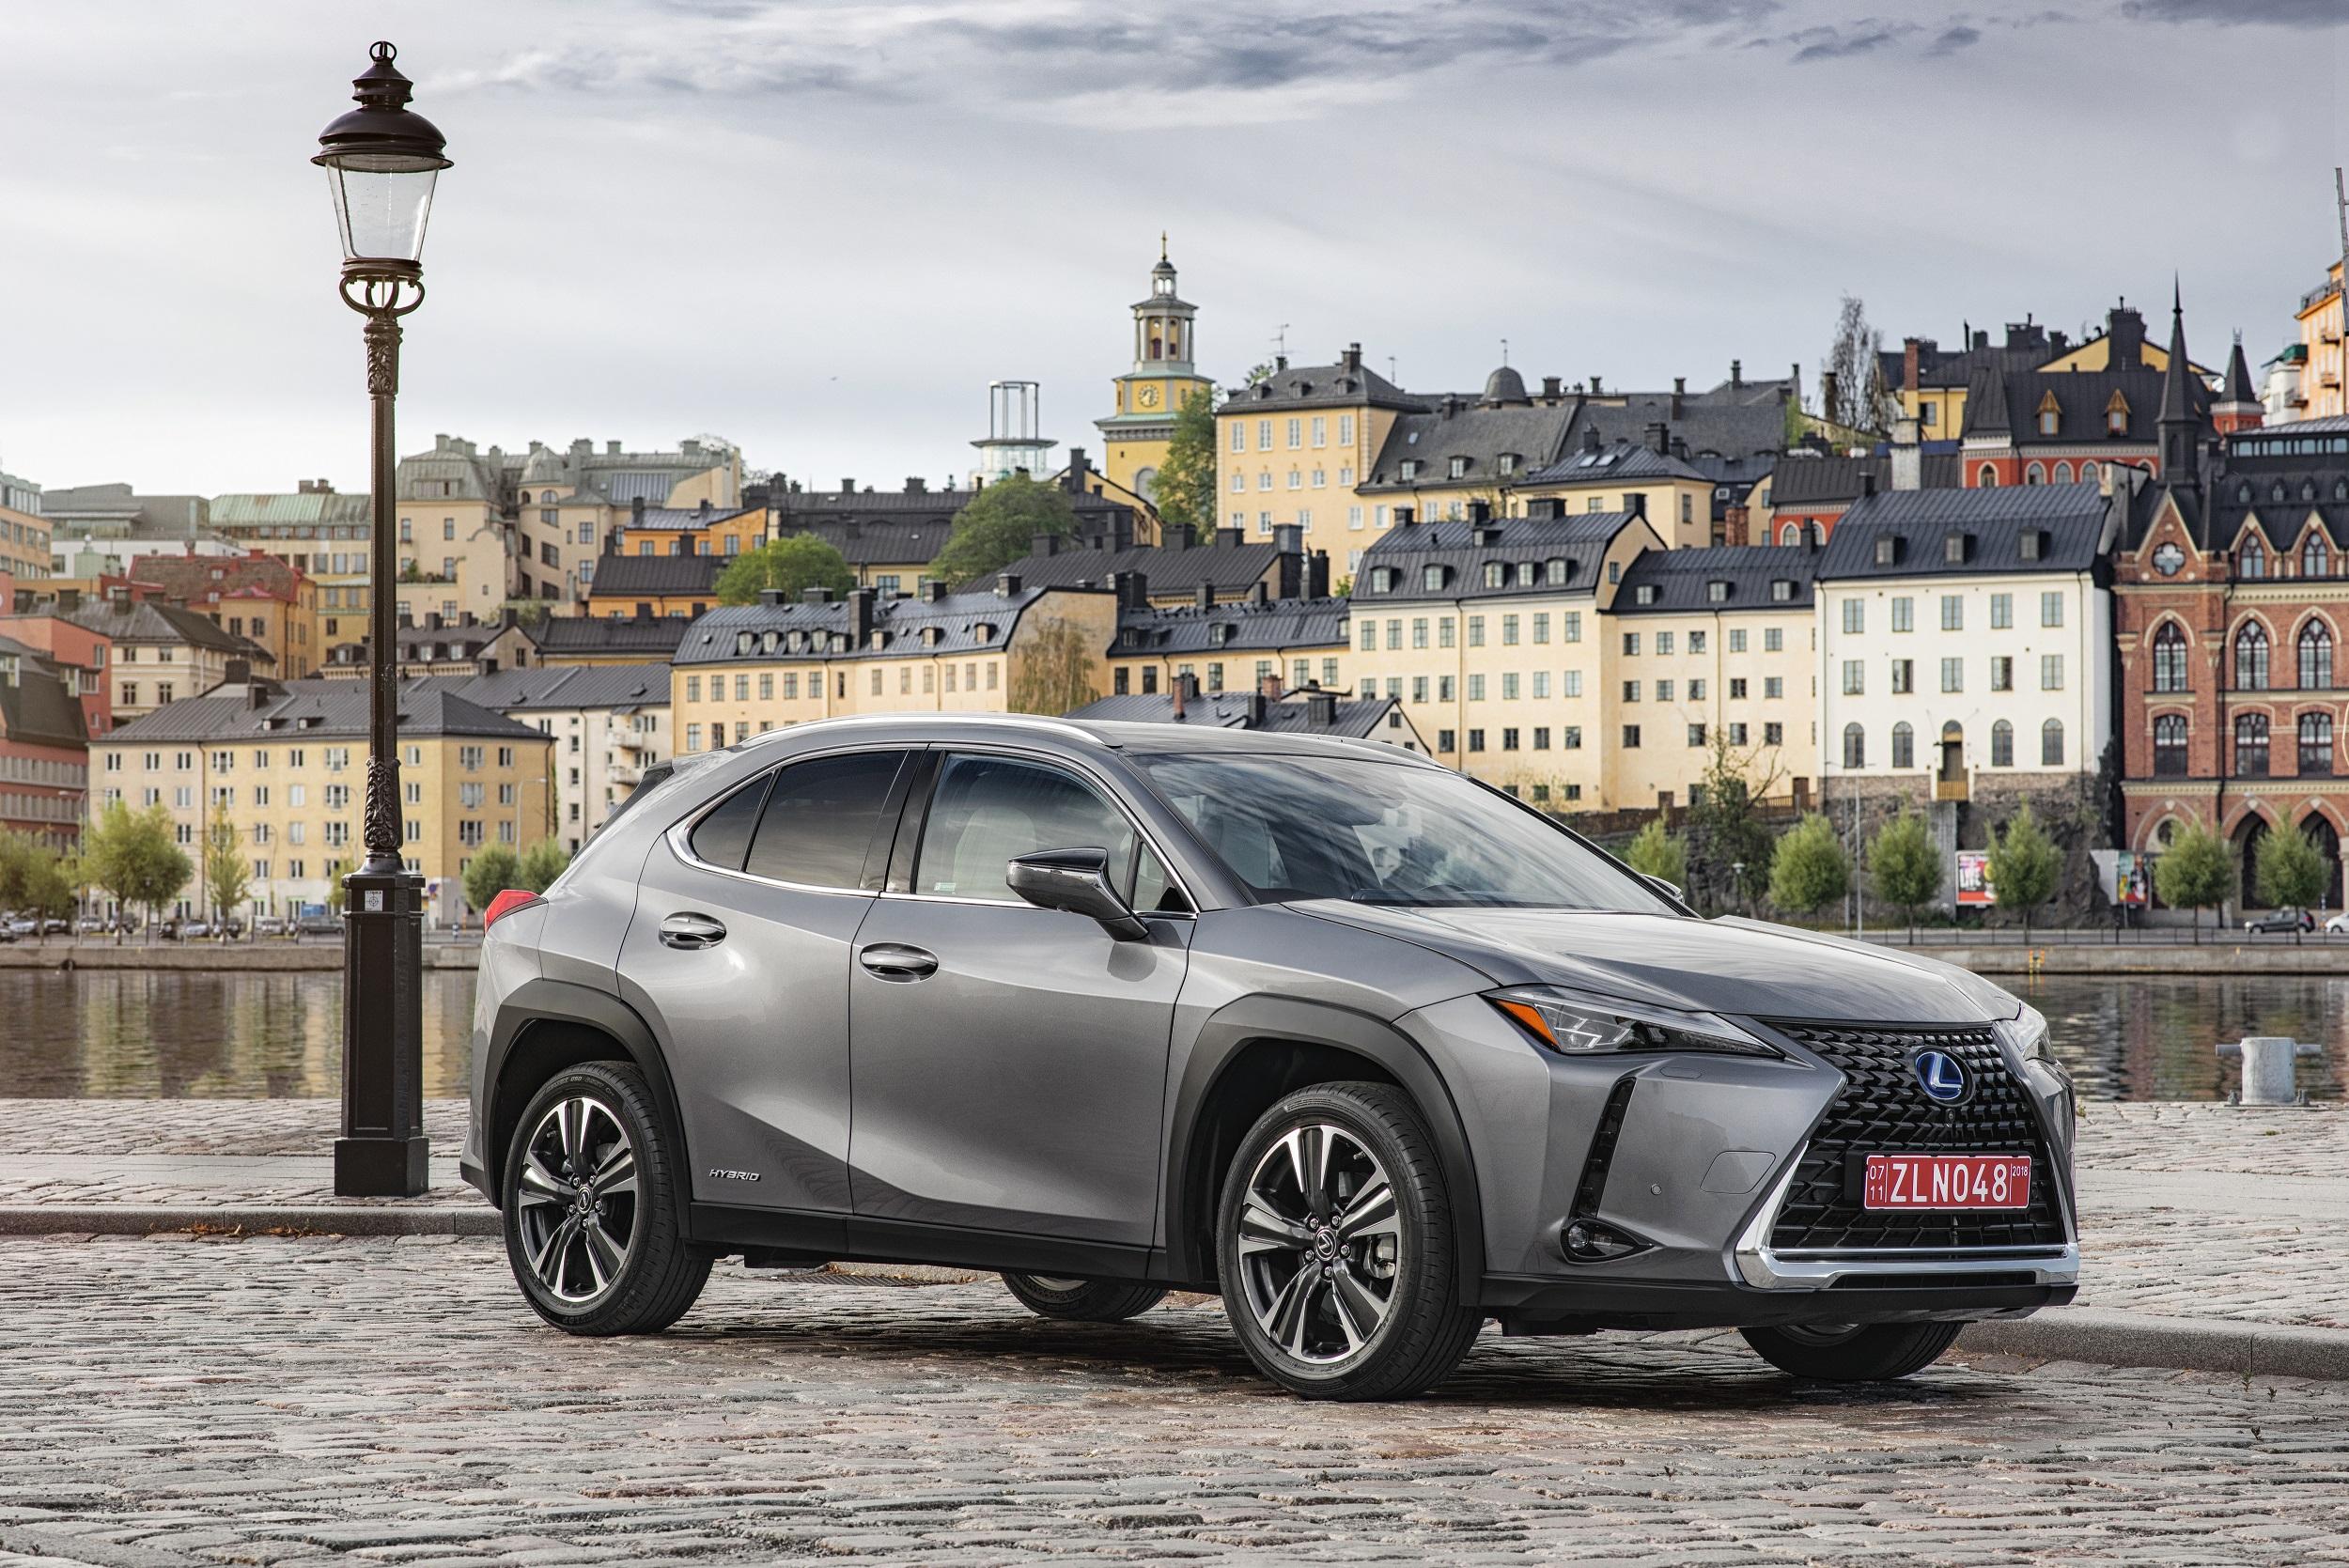 Lexus UX de conceito radical a crossover com design unico